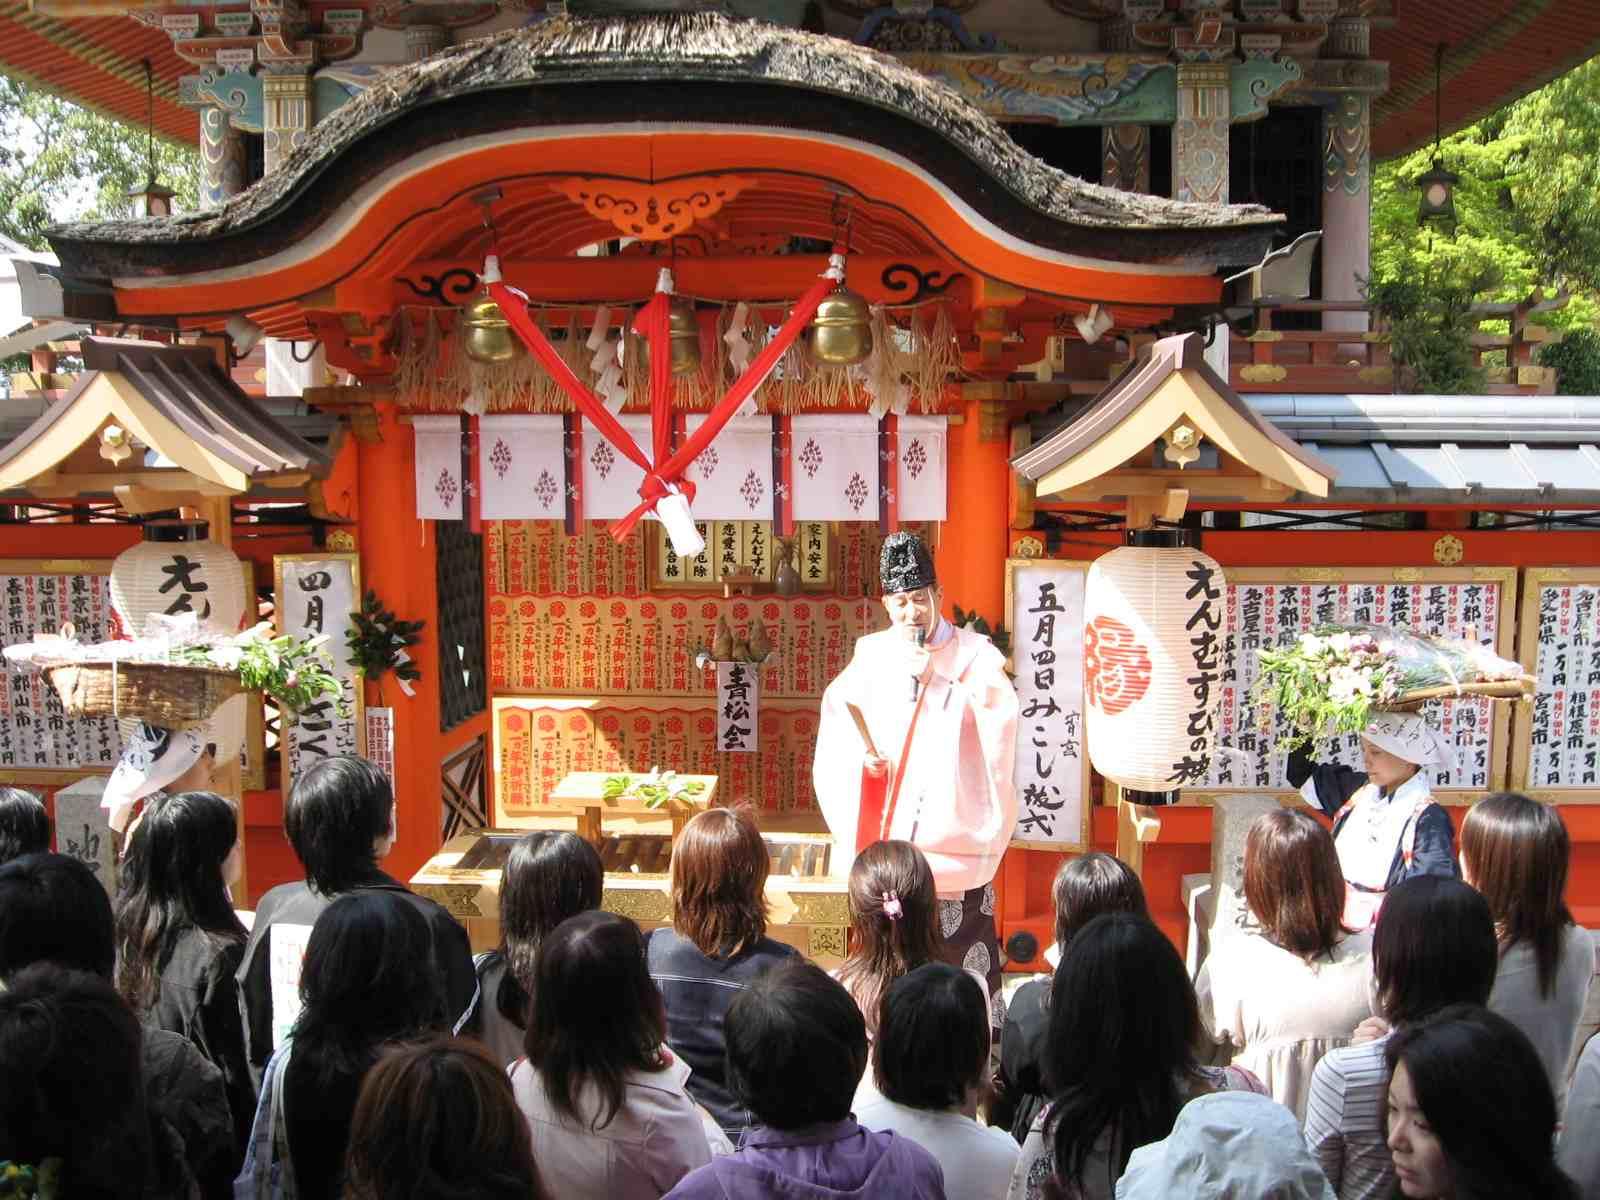 桜祭り 宮司の言葉